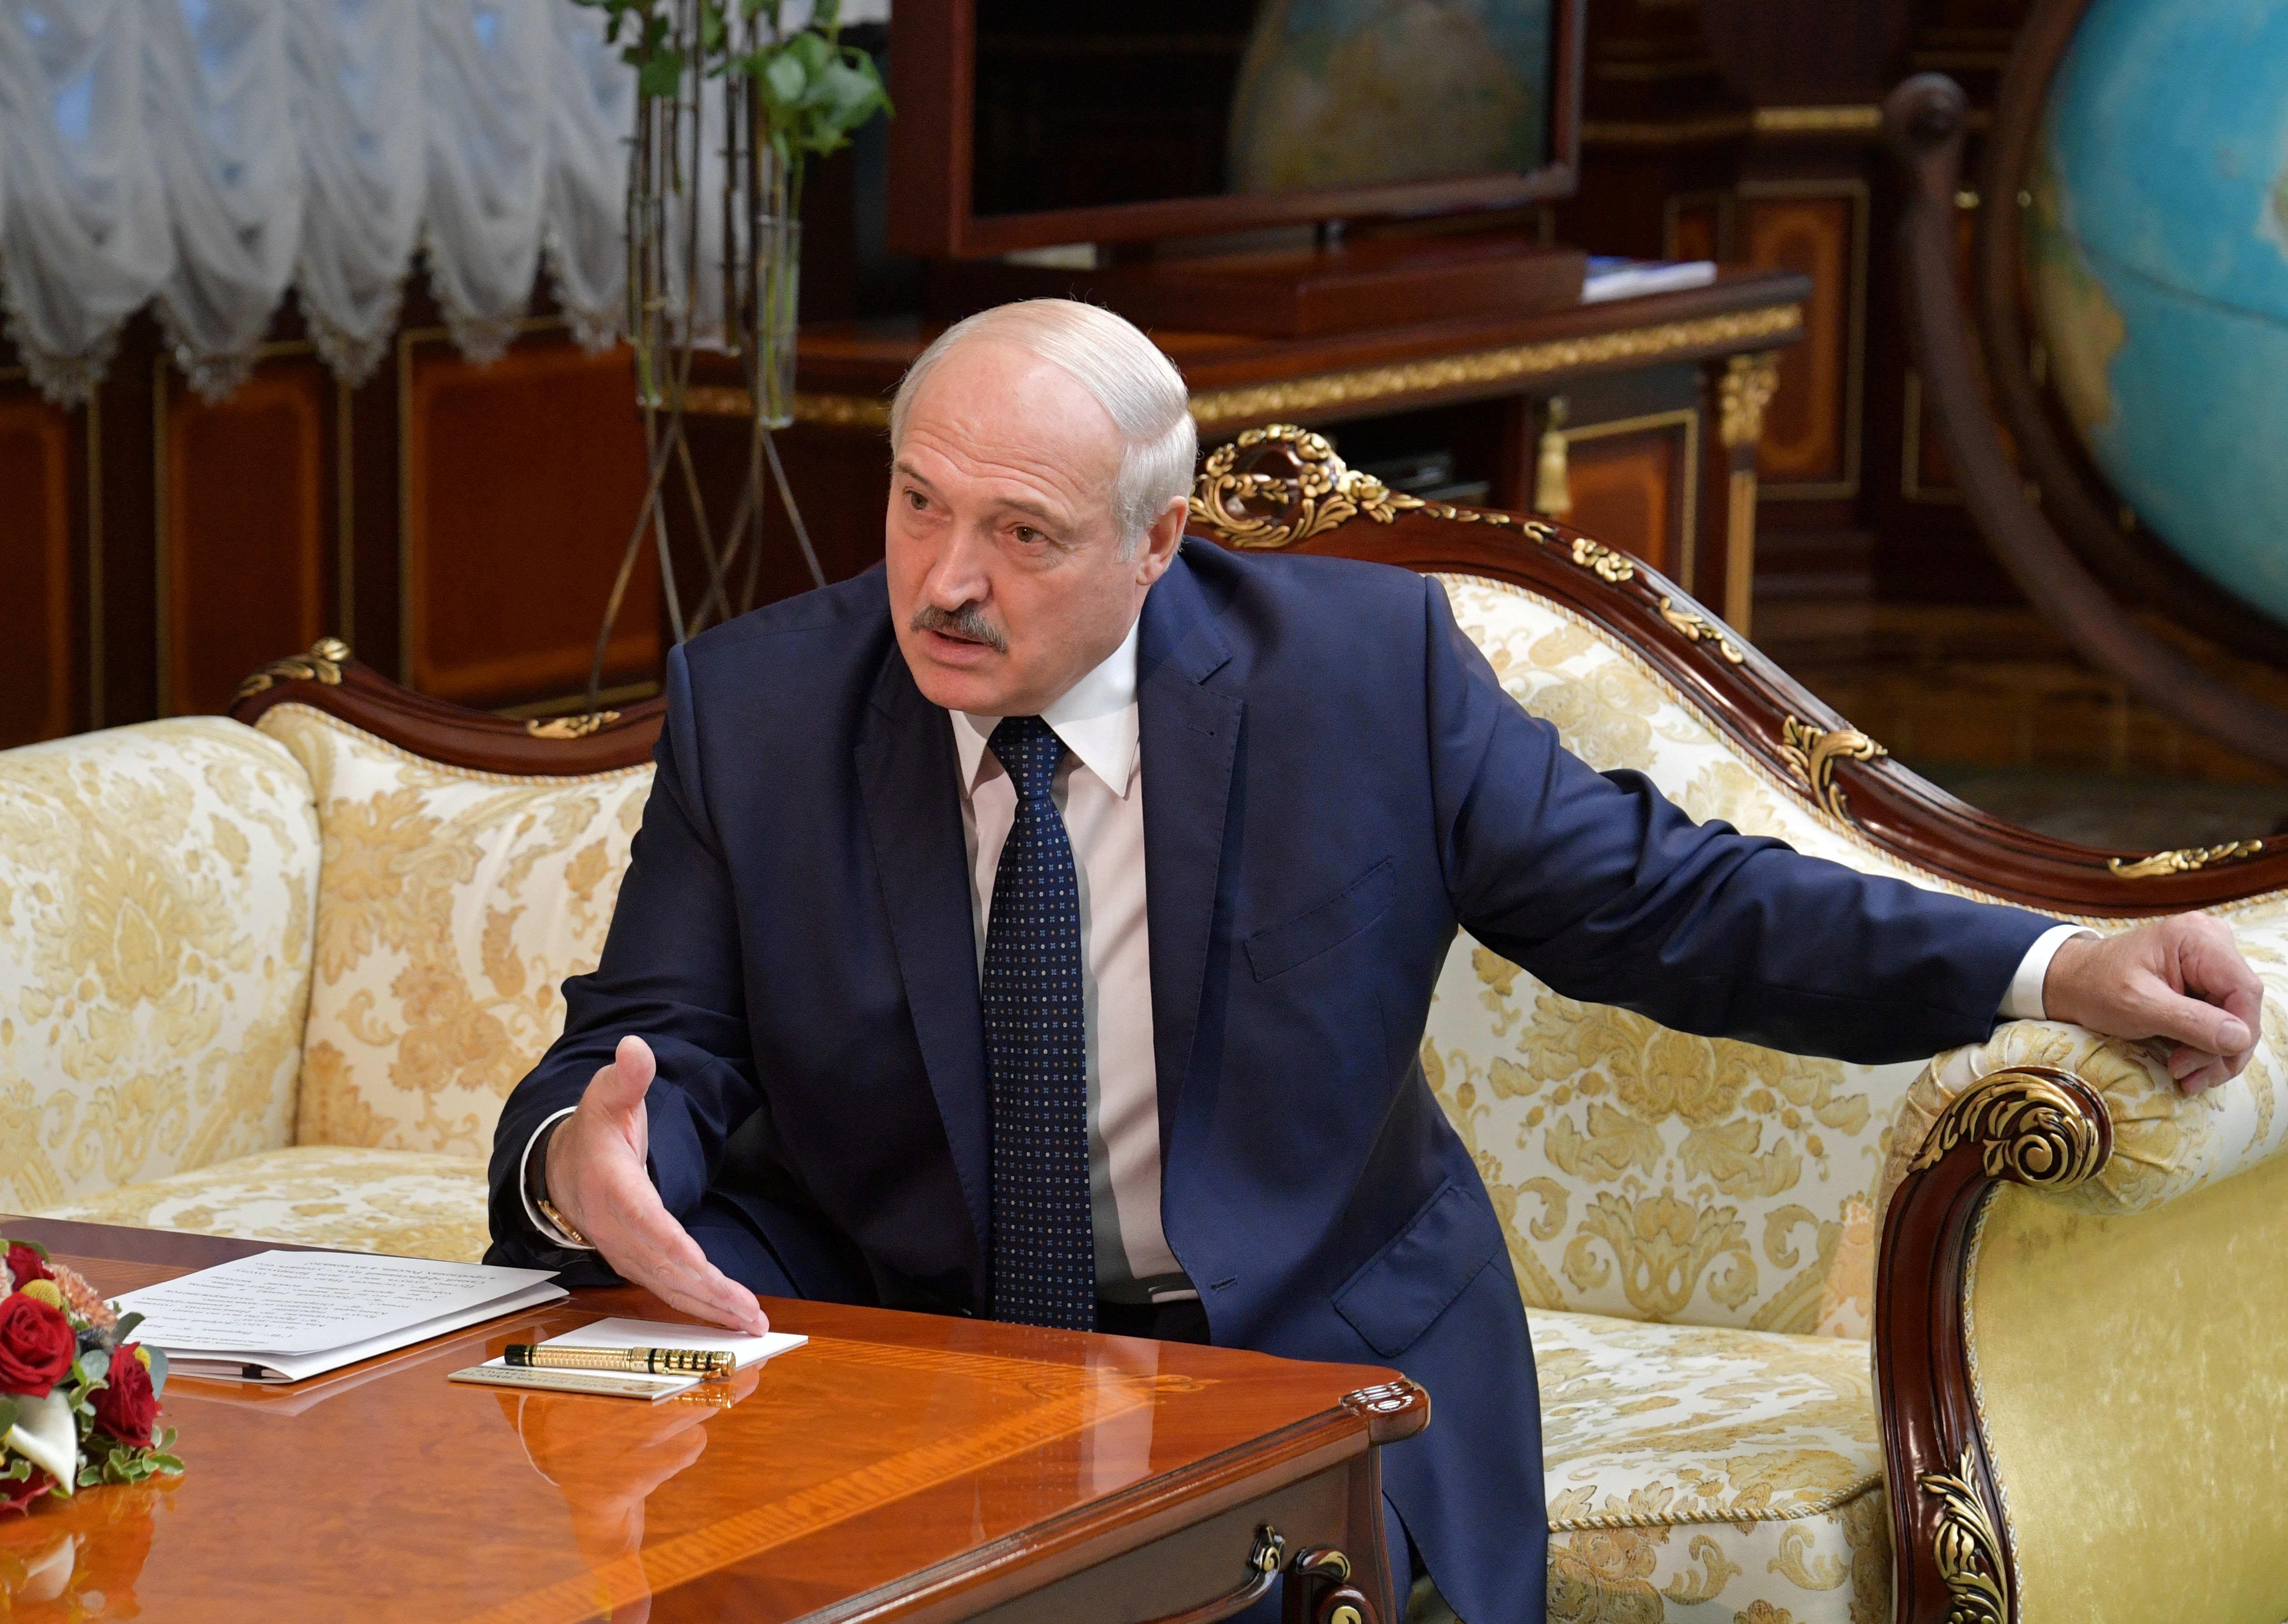 Лукашенко не смог собрать людей на проправительственный митинг